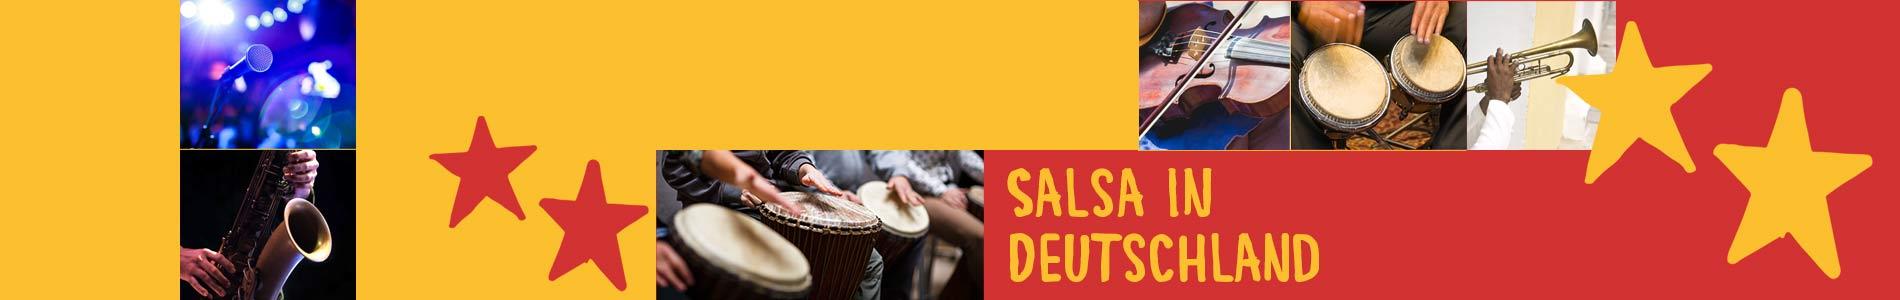 Salsa in Danndorf – Salsa lernen und tanzen, Tanzkurse, Partys, Veranstaltungen